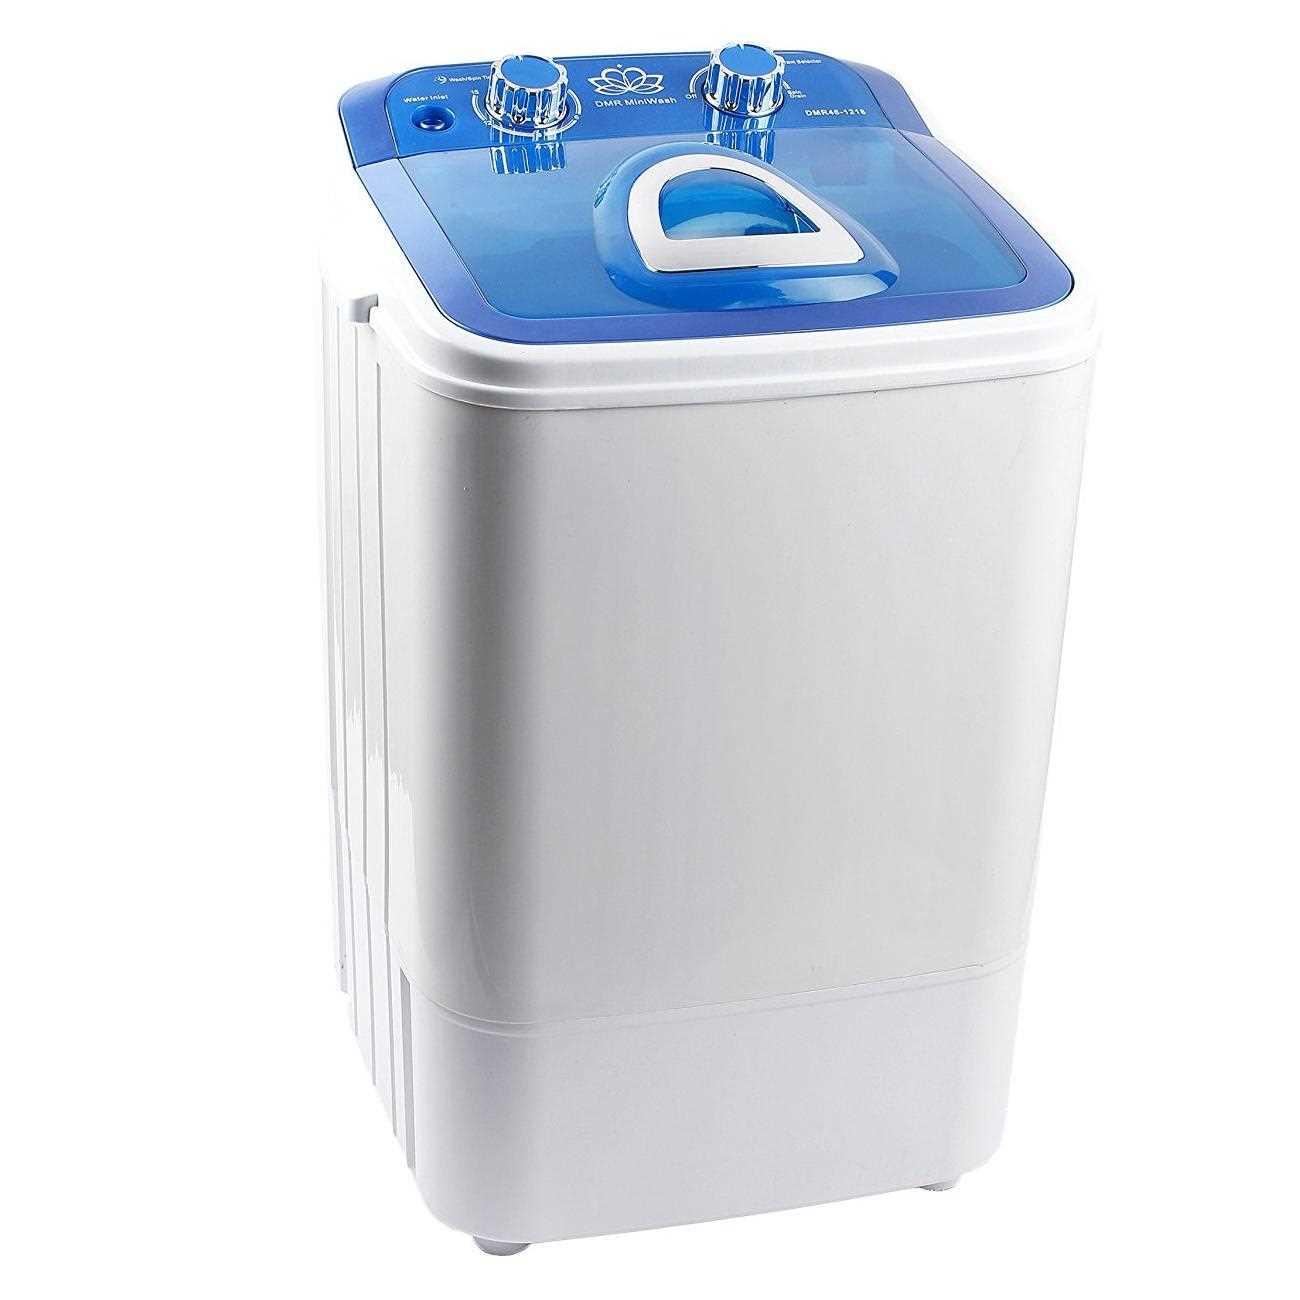 DMR 46-1218 Single Tub Washing Machine